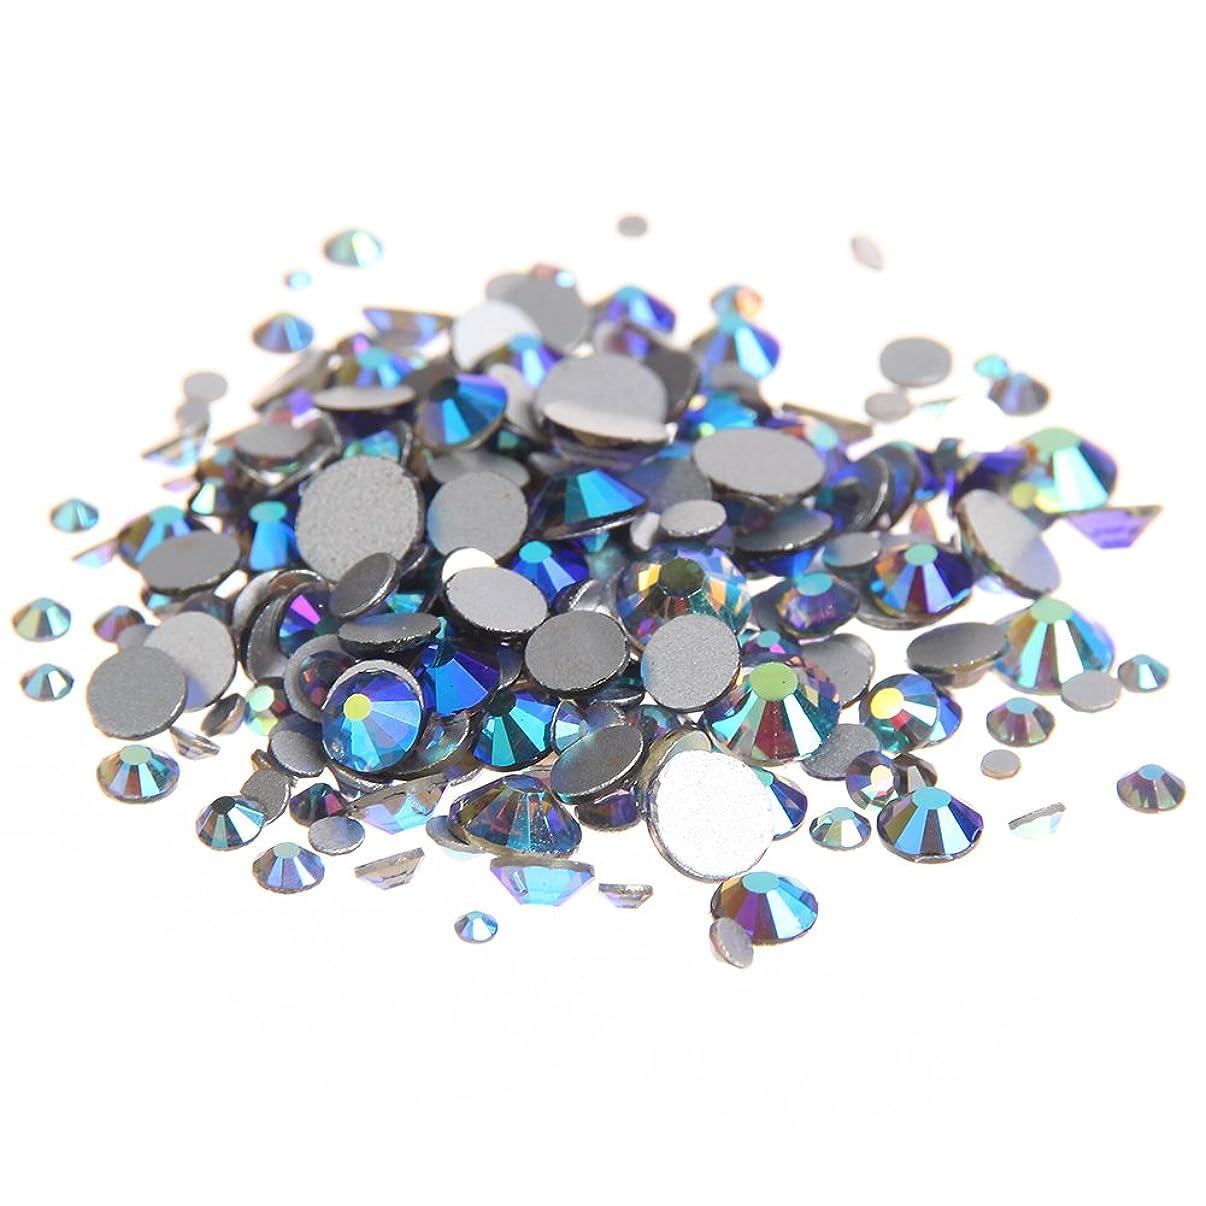 選出する自動的に副産物Nizi ジュエリー ブランド ブラックダイヤモンドオーロラ ラインストーン は ガラスの材質 ネイル使用 型番ss3-ss30 (SS30 288pcs)